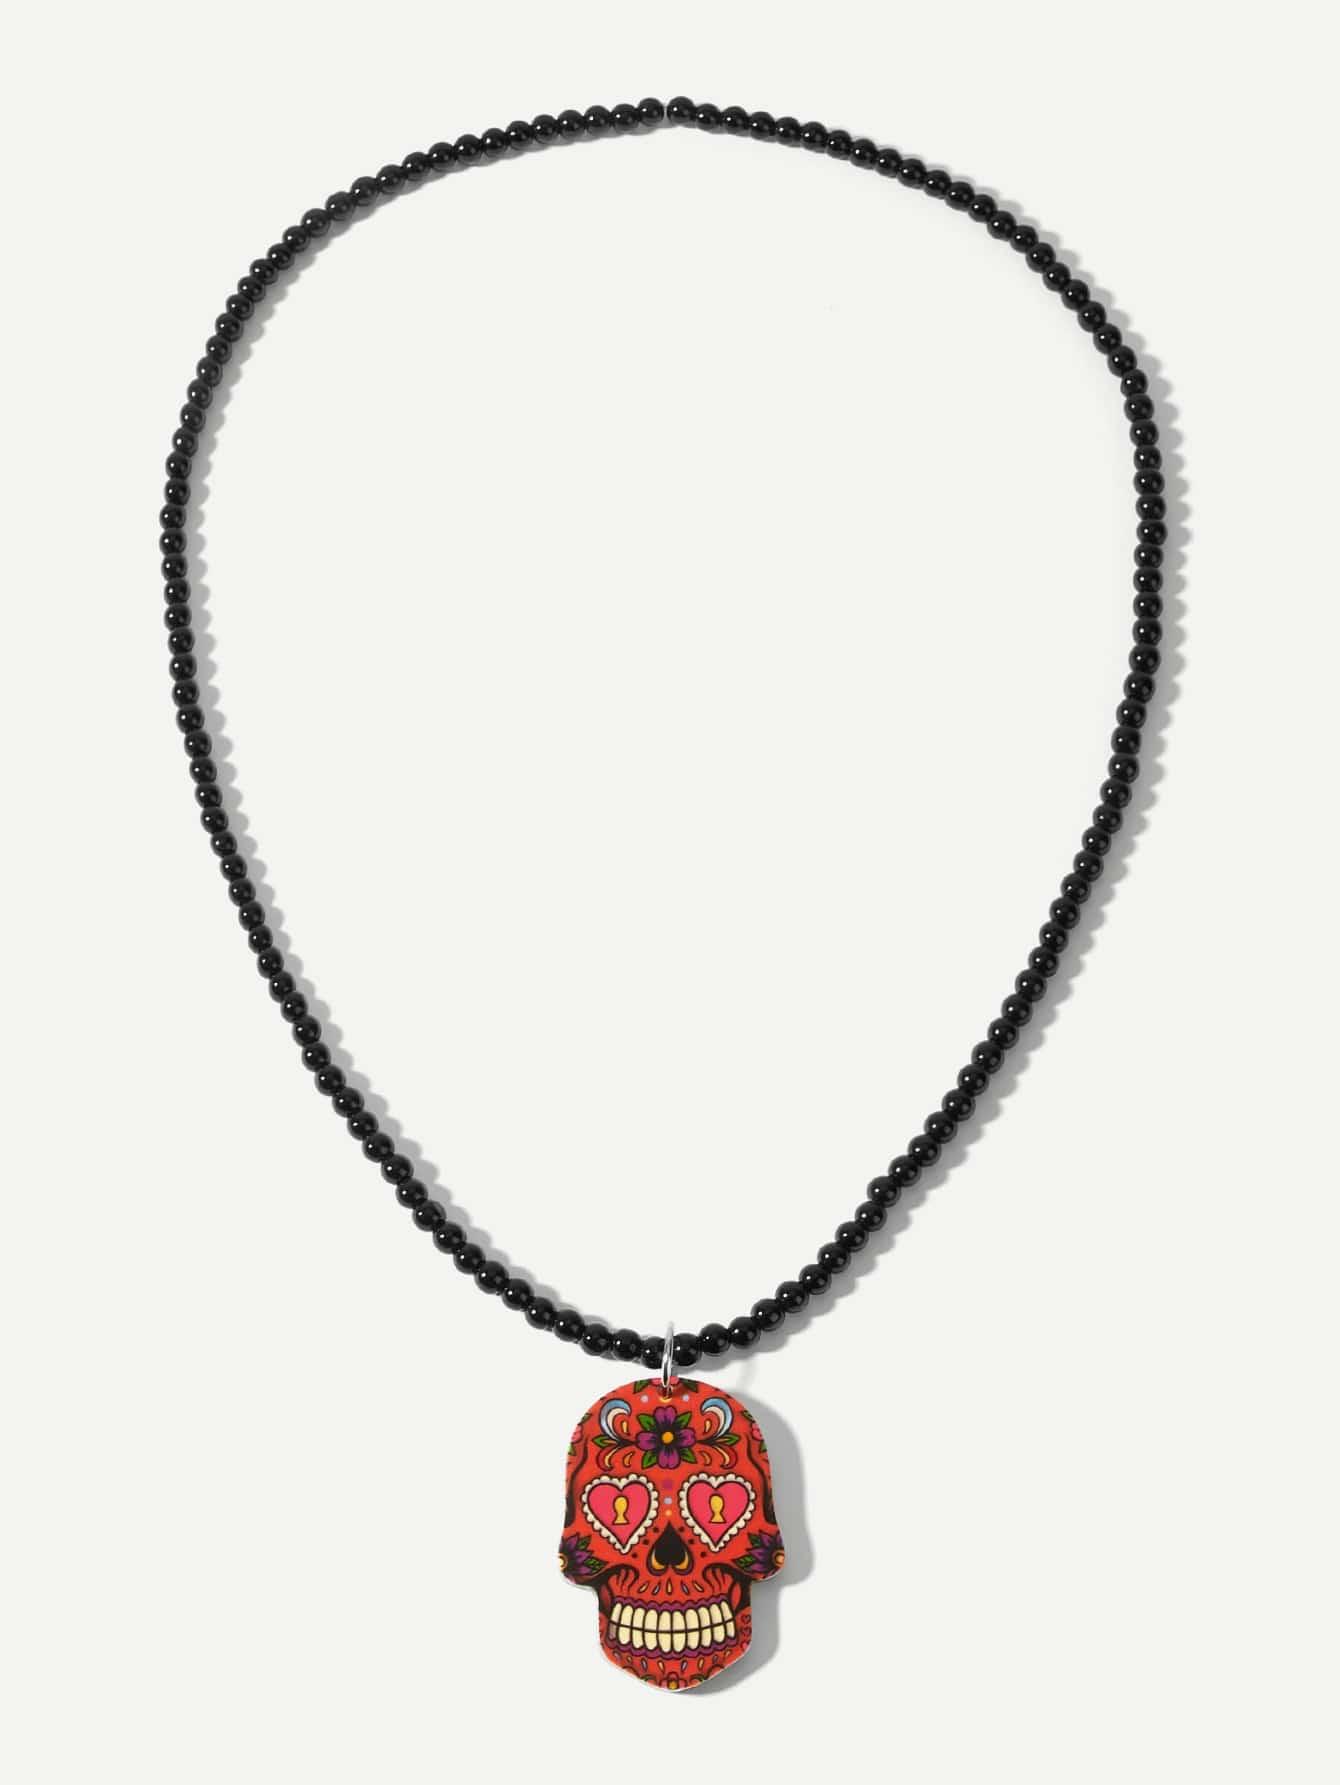 Männer Halskette mit Skelett Anhänger und Perlen